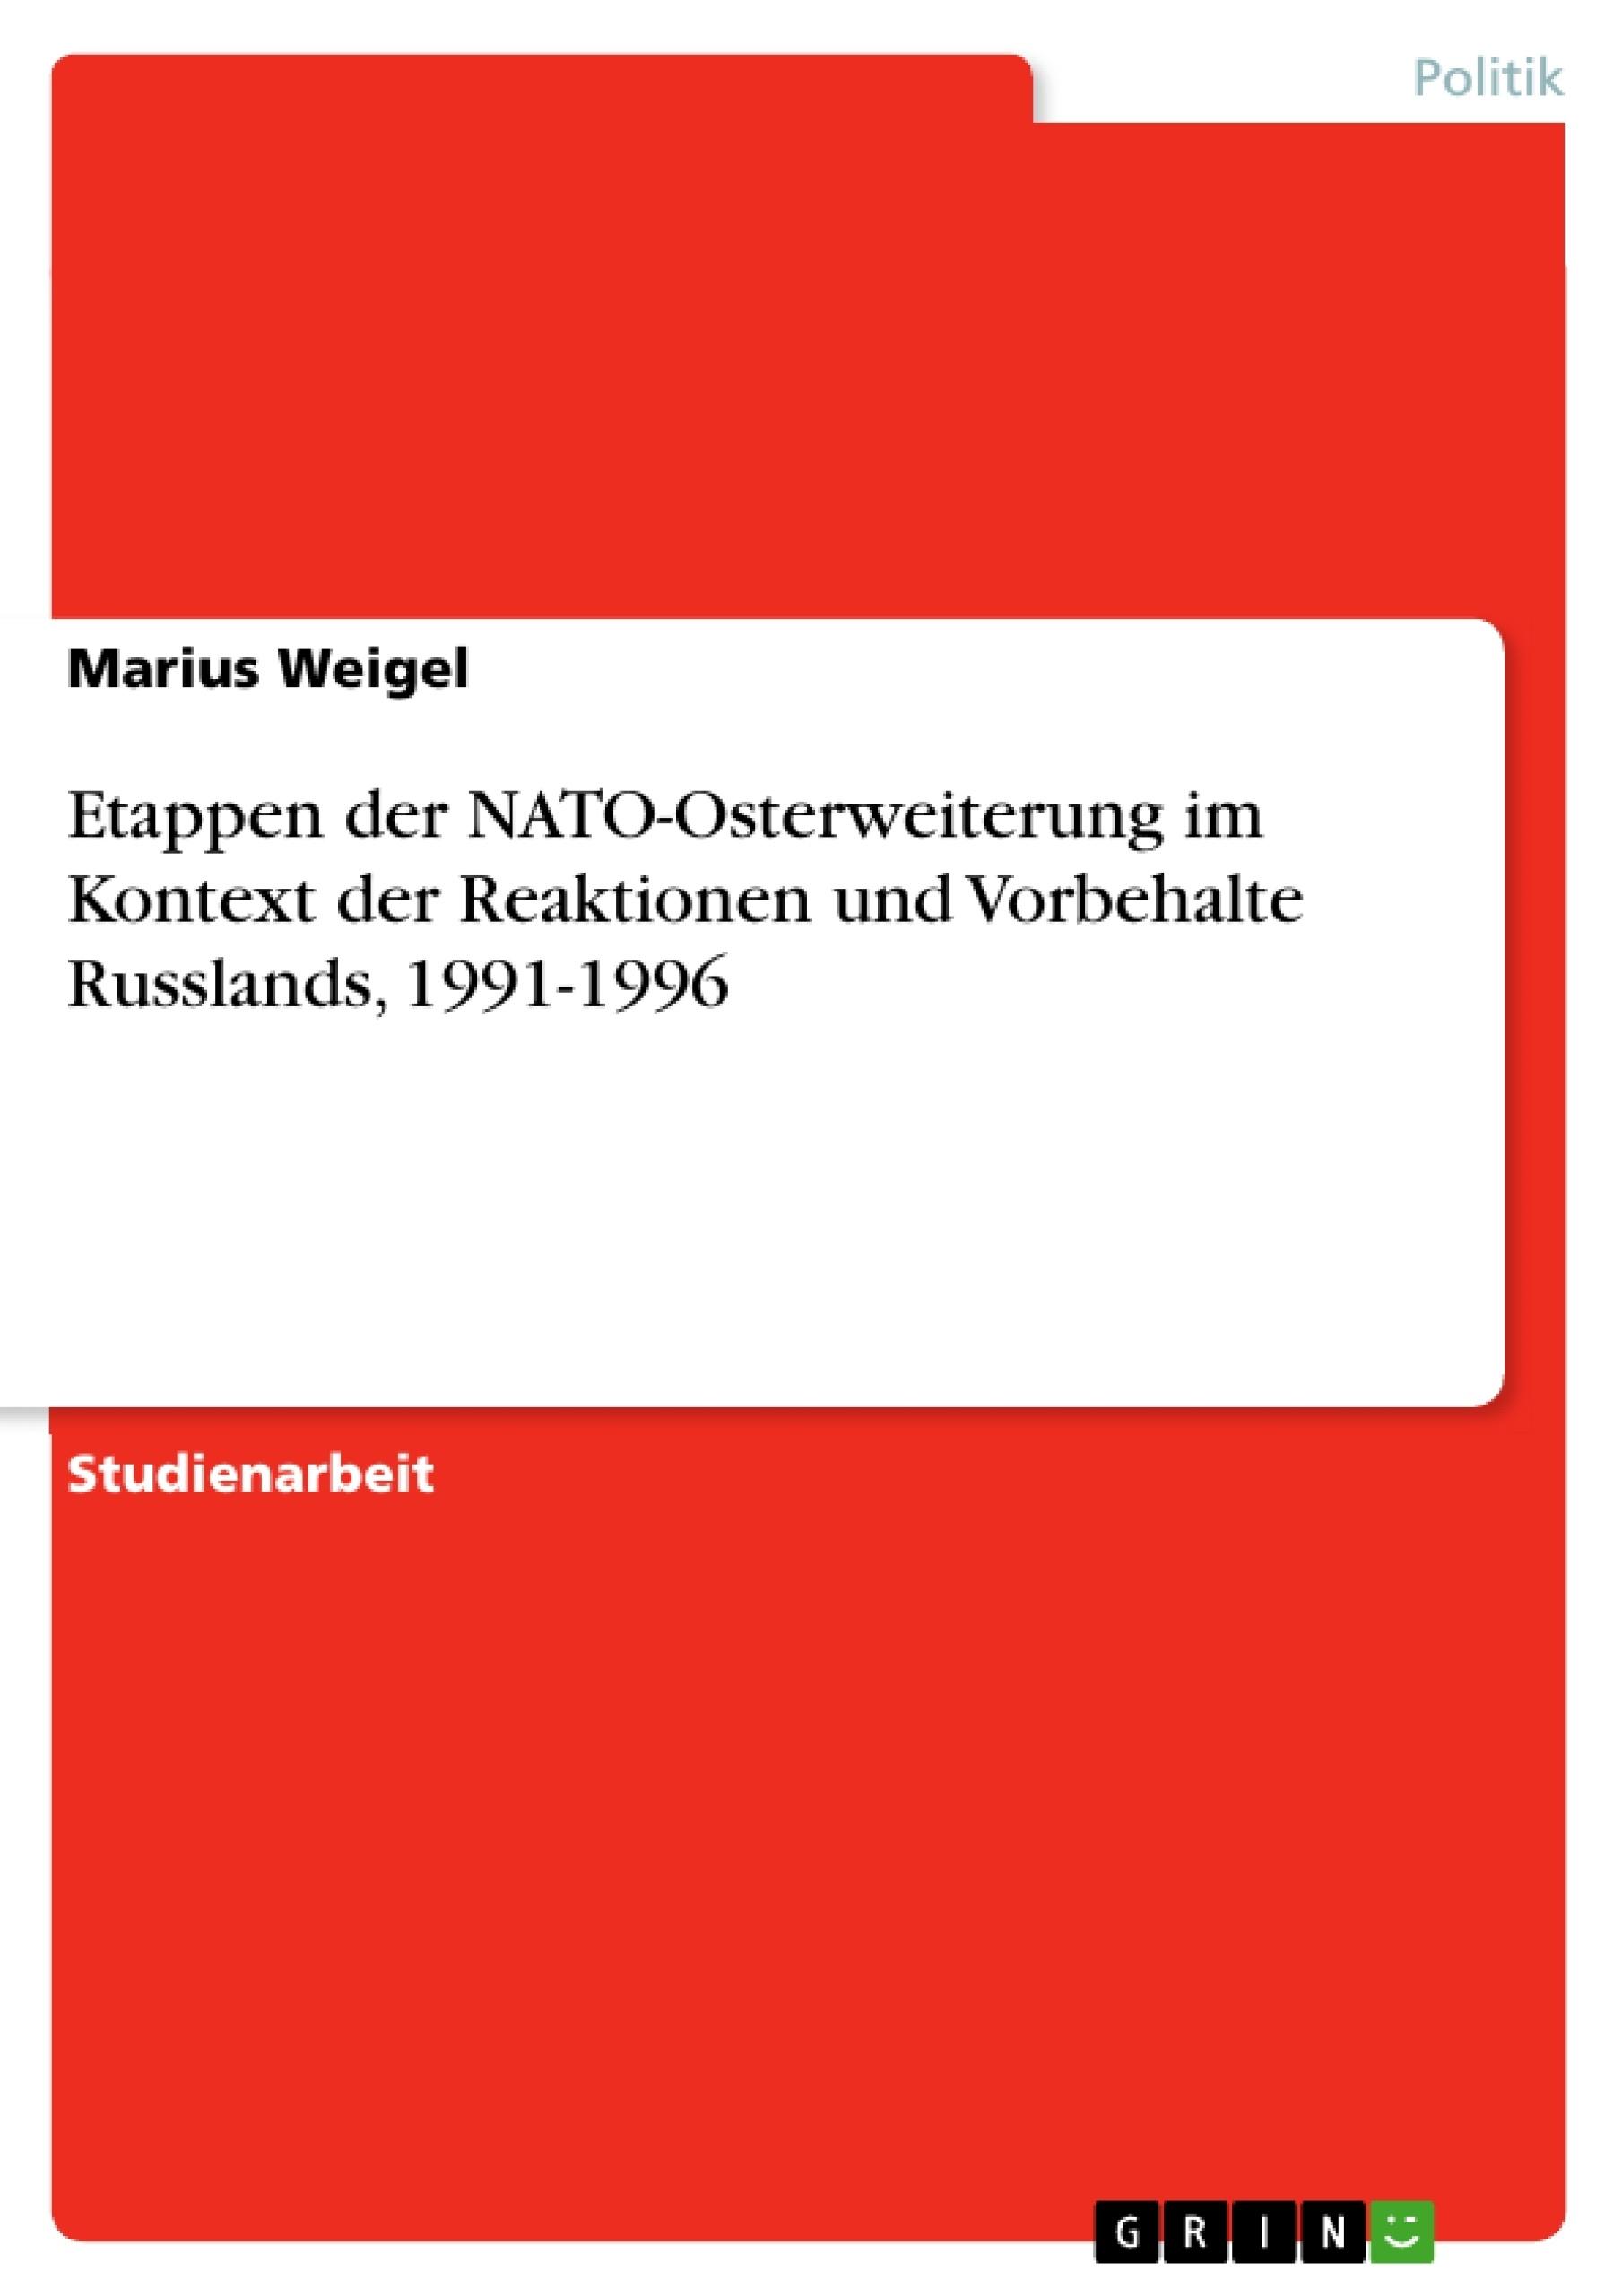 Titel: Etappen der NATO-Osterweiterung im Kontext der Reaktionen und Vorbehalte Russlands, 1991-1996